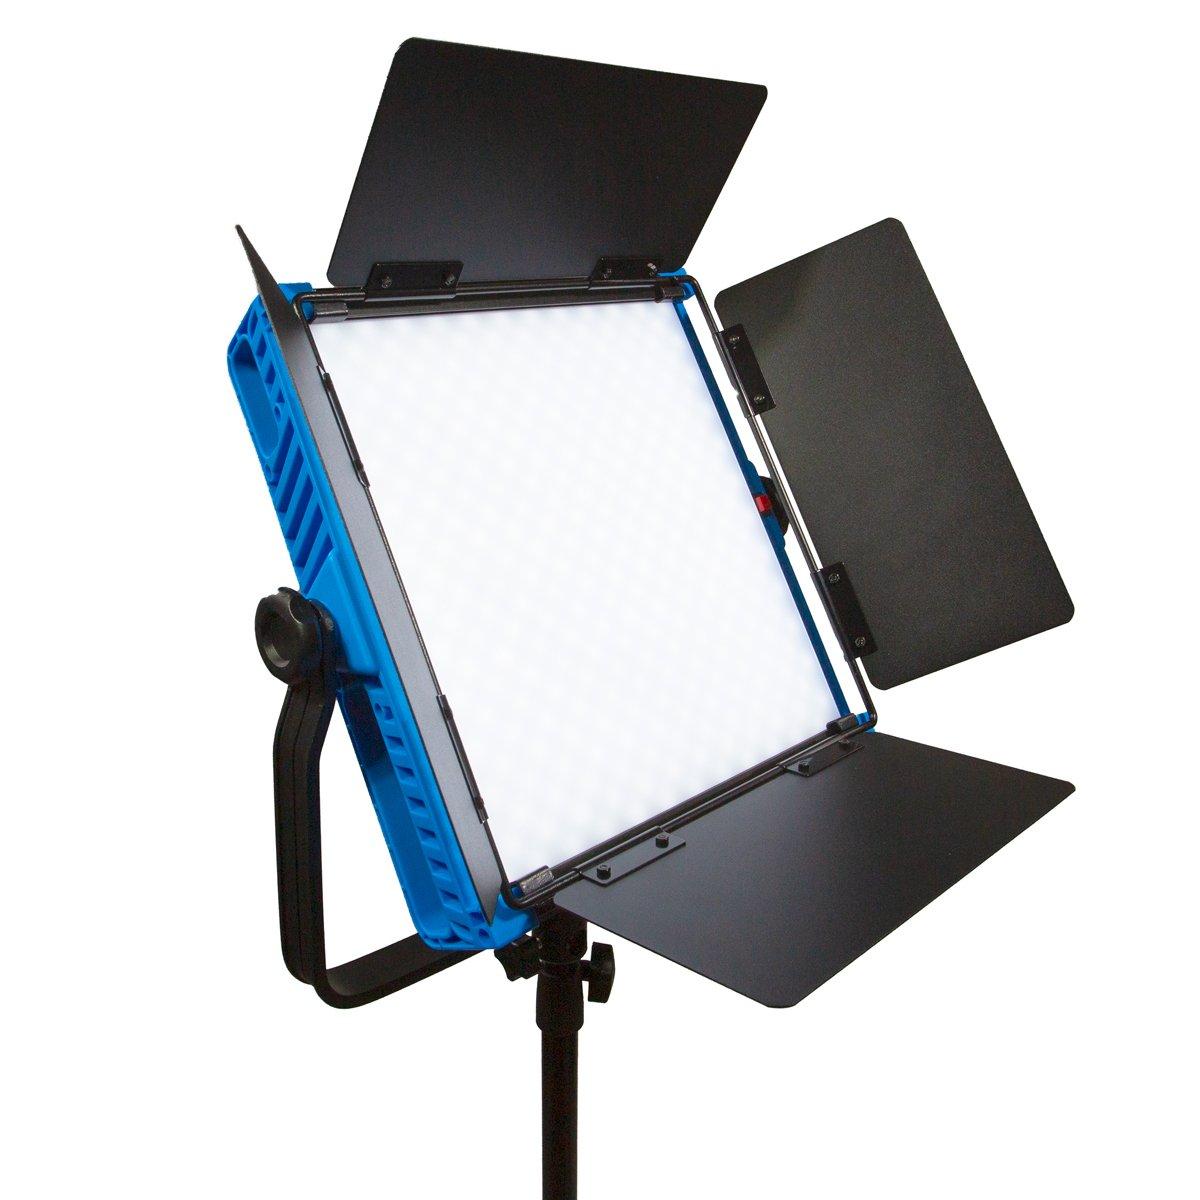 Dracast Kala Plus LED1000 Bicolor LED Panel Light